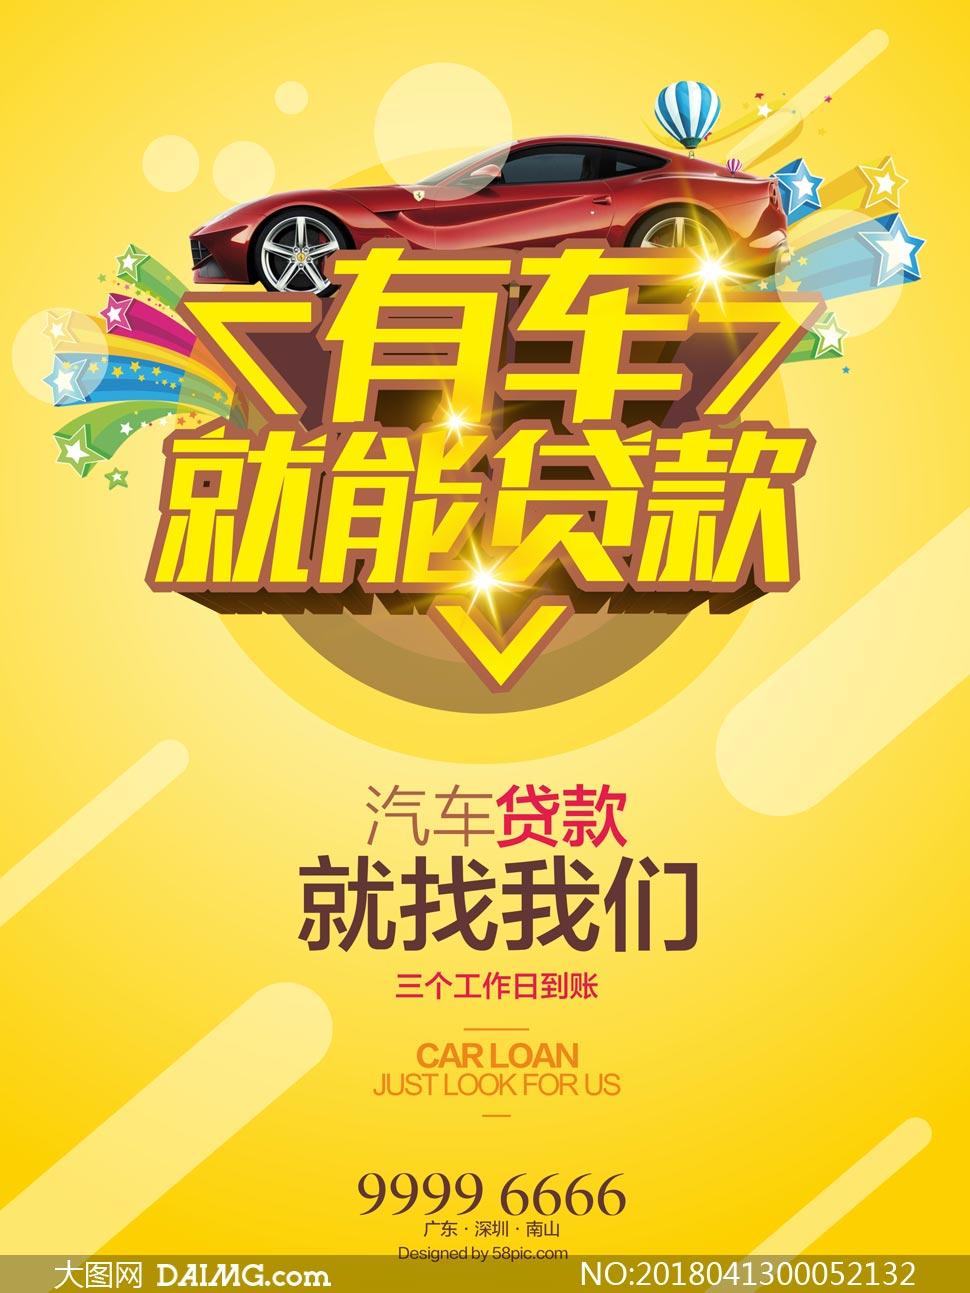 汽车贷款宣传海报设计矢量素材